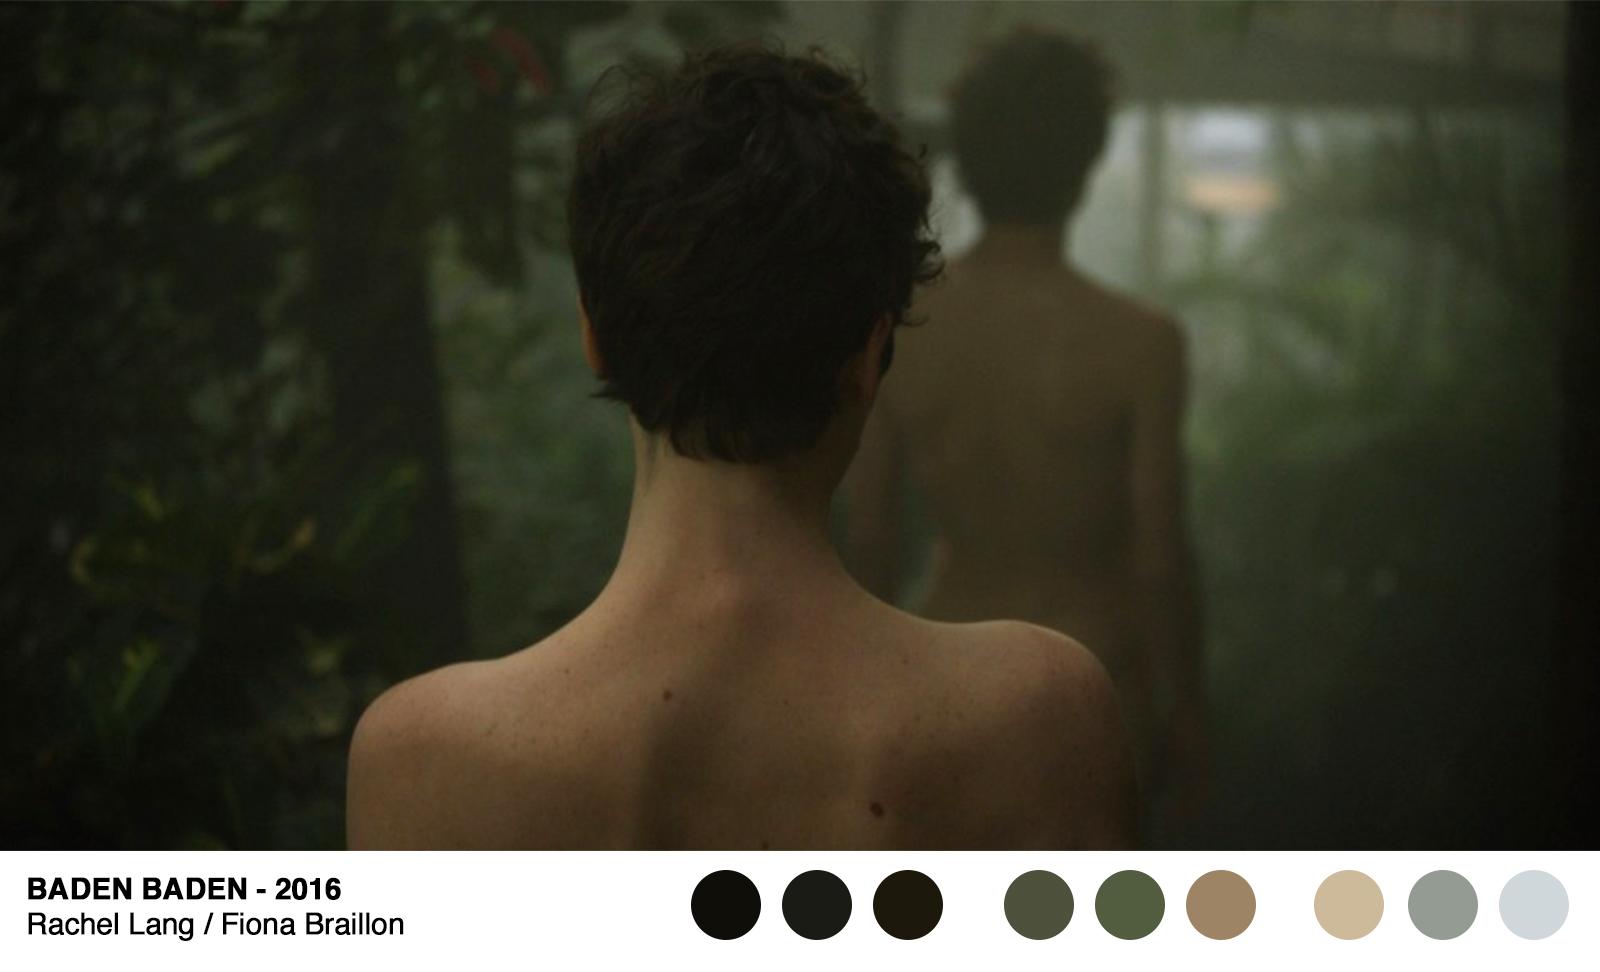 PALETTES 01 - BADEN BADEN - Image du Film